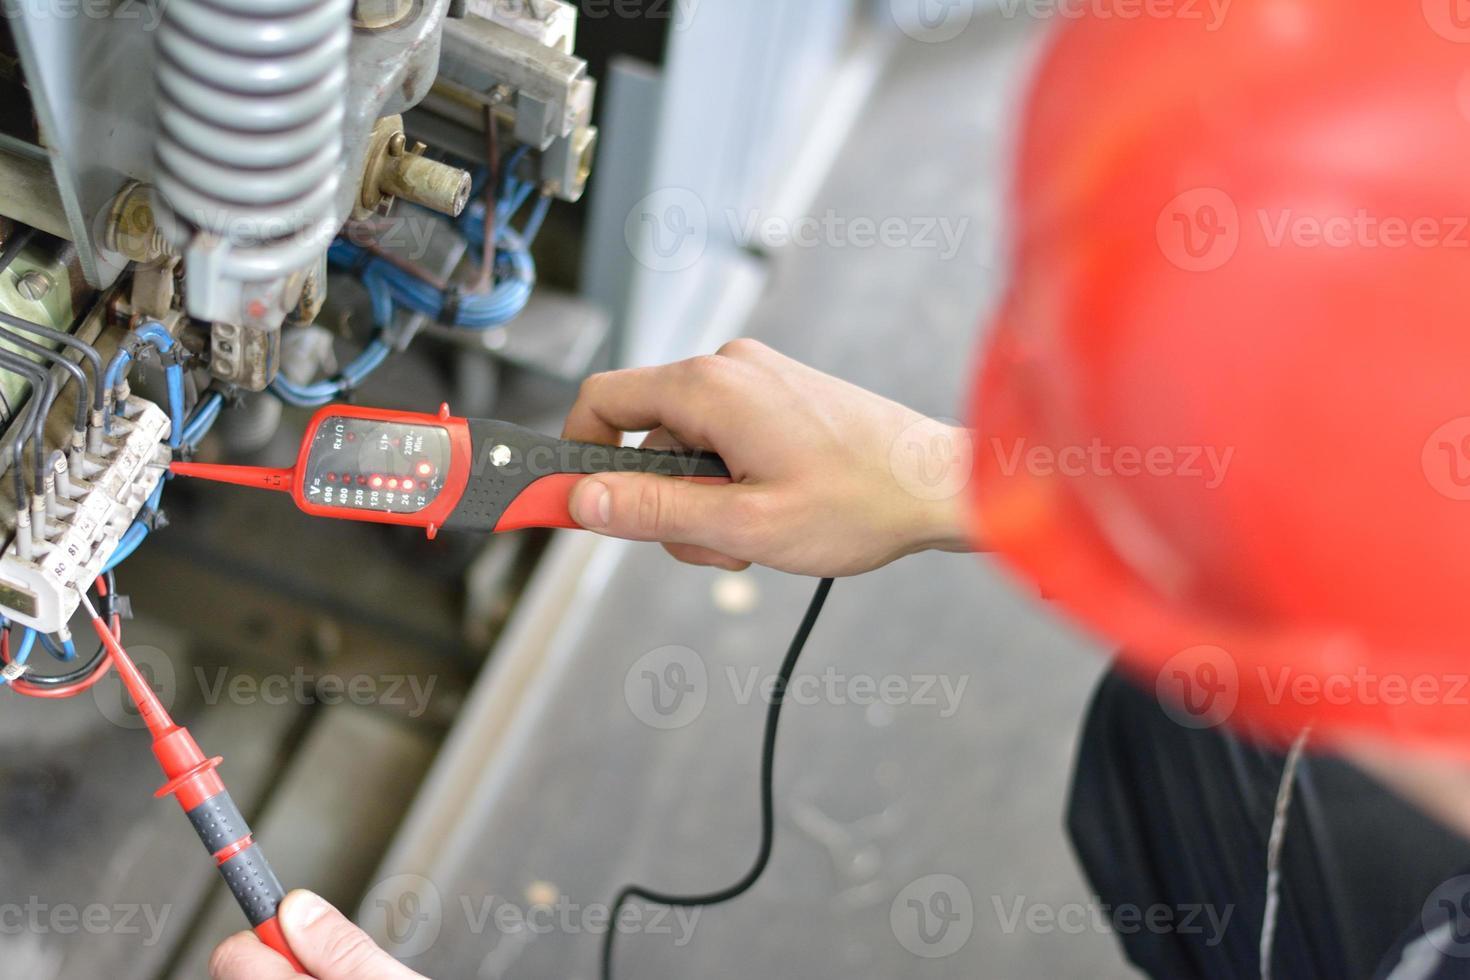 elektricien testen op spanning op klemmenblok foto